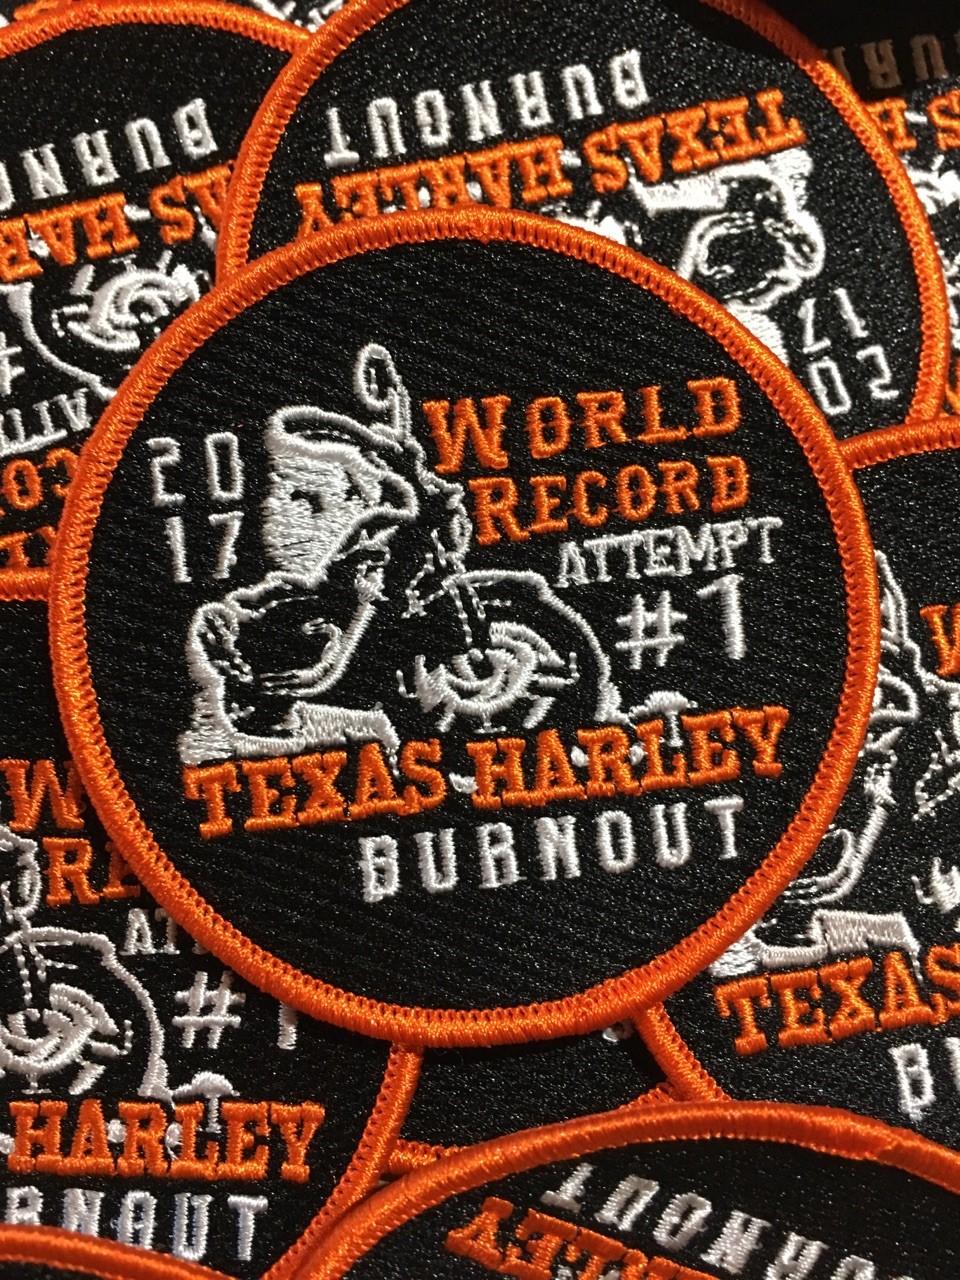 Harley Davidson Jacket Patch